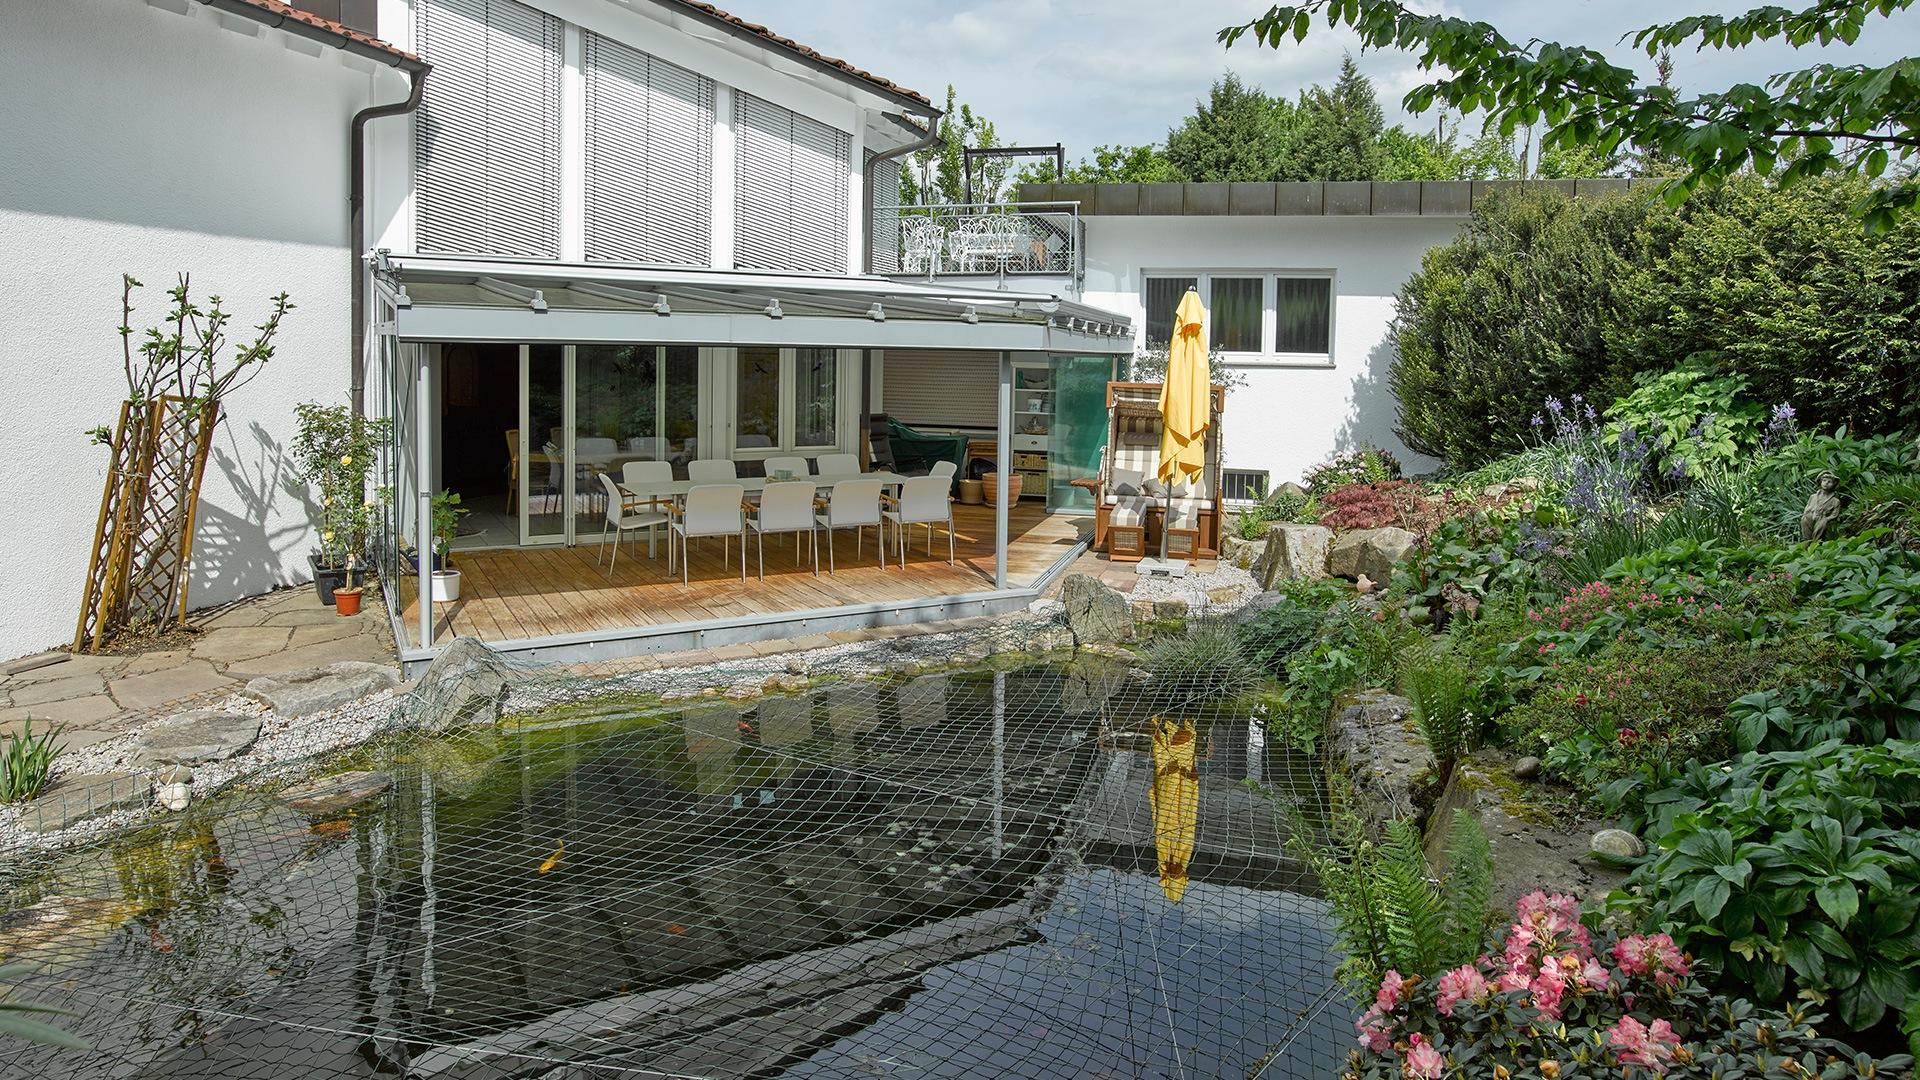 zanker jardino 15 - Sonnenschutz für Balkon und Terrasse